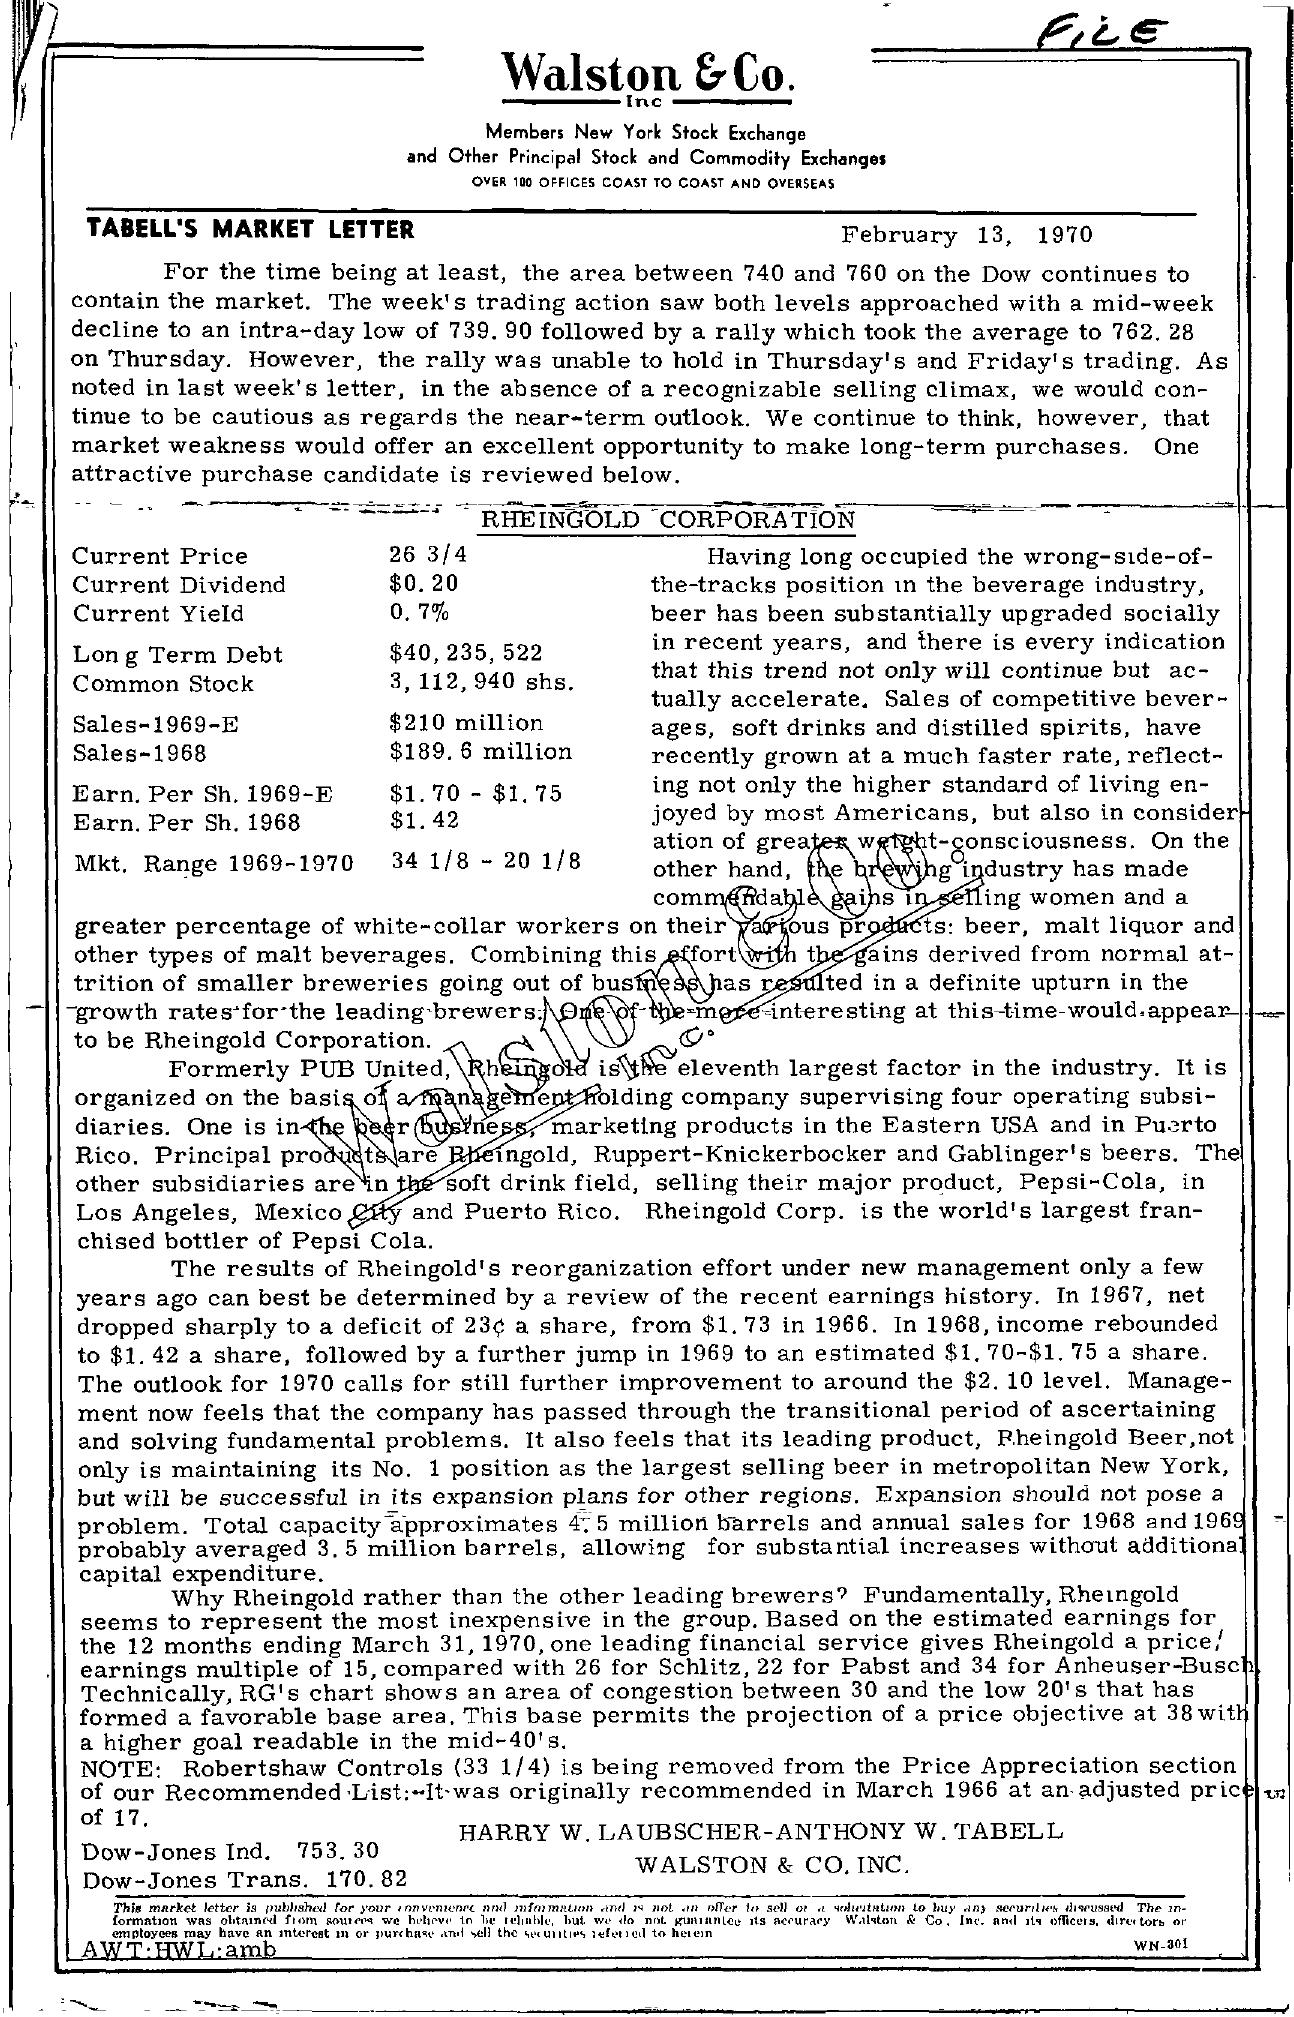 Tabell's Market Letter - February 13, 1970